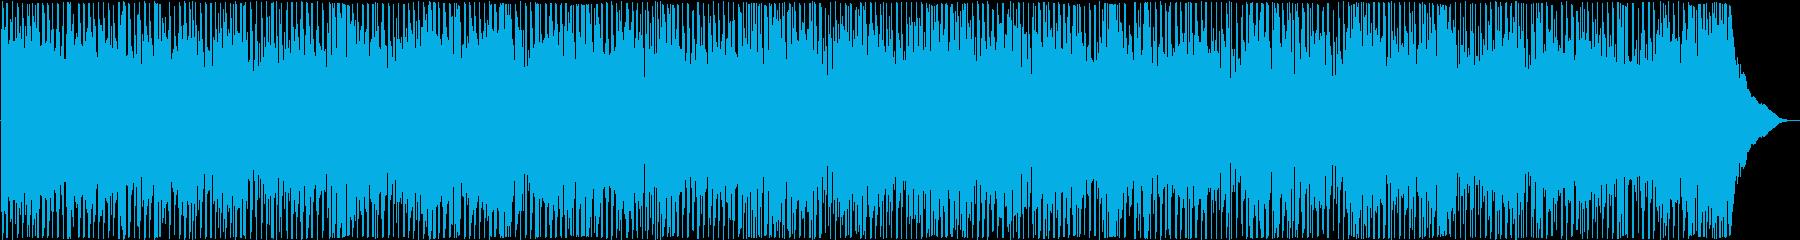 かっこいい疾走感カントリーロック 激しいの再生済みの波形